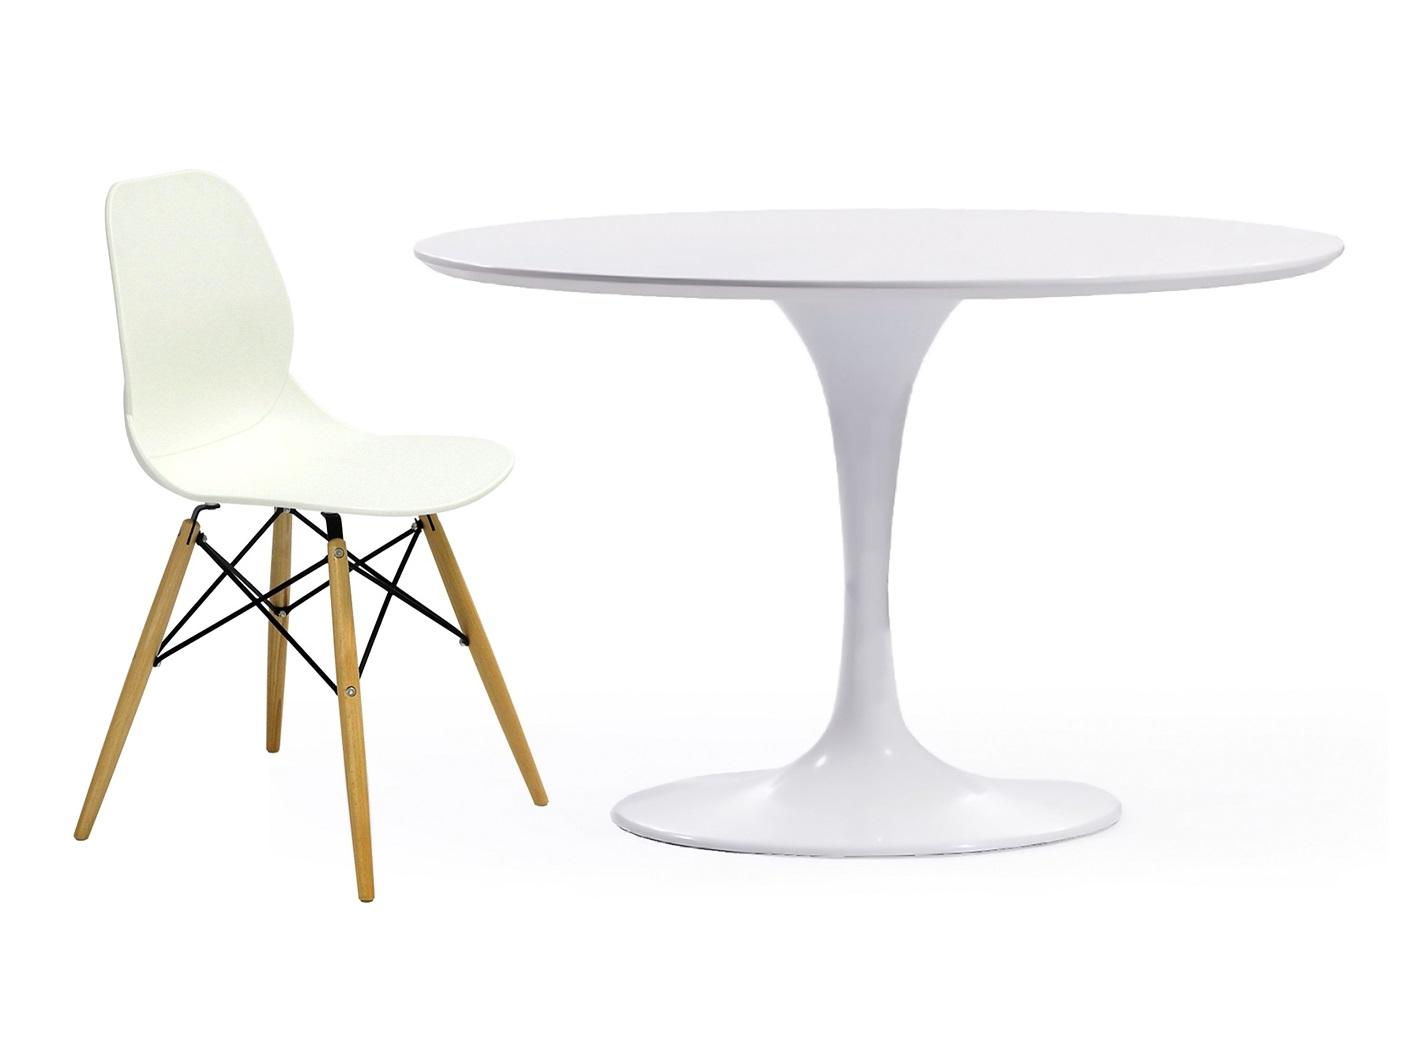 Обеденная группа Apriori T (стол + 4 стула)Комплекты для столовой<br>&amp;lt;div&amp;gt;&amp;lt;div&amp;gt;Обеденный круглый стол с лаконичным основанием из акрилового камня.&amp;amp;nbsp;&amp;lt;/div&amp;gt;&amp;lt;/div&amp;gt;&amp;lt;div&amp;gt;Белый пластиковый стул на деревянных ножках.&amp;lt;br&amp;gt;&amp;lt;/div&amp;gt;&amp;lt;div&amp;gt;&amp;lt;br&amp;gt;&amp;lt;/div&amp;gt;&amp;lt;div&amp;gt;&amp;lt;div&amp;gt;Размеры стола: 77/105&amp;lt;/div&amp;gt;&amp;lt;div&amp;gt;Материал стола:&amp;amp;nbsp;&amp;lt;span style=&amp;quot;font-size: 14px;&amp;quot;&amp;gt;&amp;amp;nbsp;&amp;lt;/span&amp;gt;&amp;lt;span style=&amp;quot;font-size: 14px;&amp;quot;&amp;gt;акриловый камень.&amp;lt;/span&amp;gt;&amp;lt;/div&amp;gt;&amp;lt;div&amp;gt;Размеры стула: 45/49/82&amp;lt;/div&amp;gt;&amp;lt;div&amp;gt;Материал стула: пластик&amp;lt;/div&amp;gt;&amp;lt;/div&amp;gt;<br><br>Material: Дерево<br>Length см: None<br>Width см: None<br>Height см: 77<br>Diameter см: 105